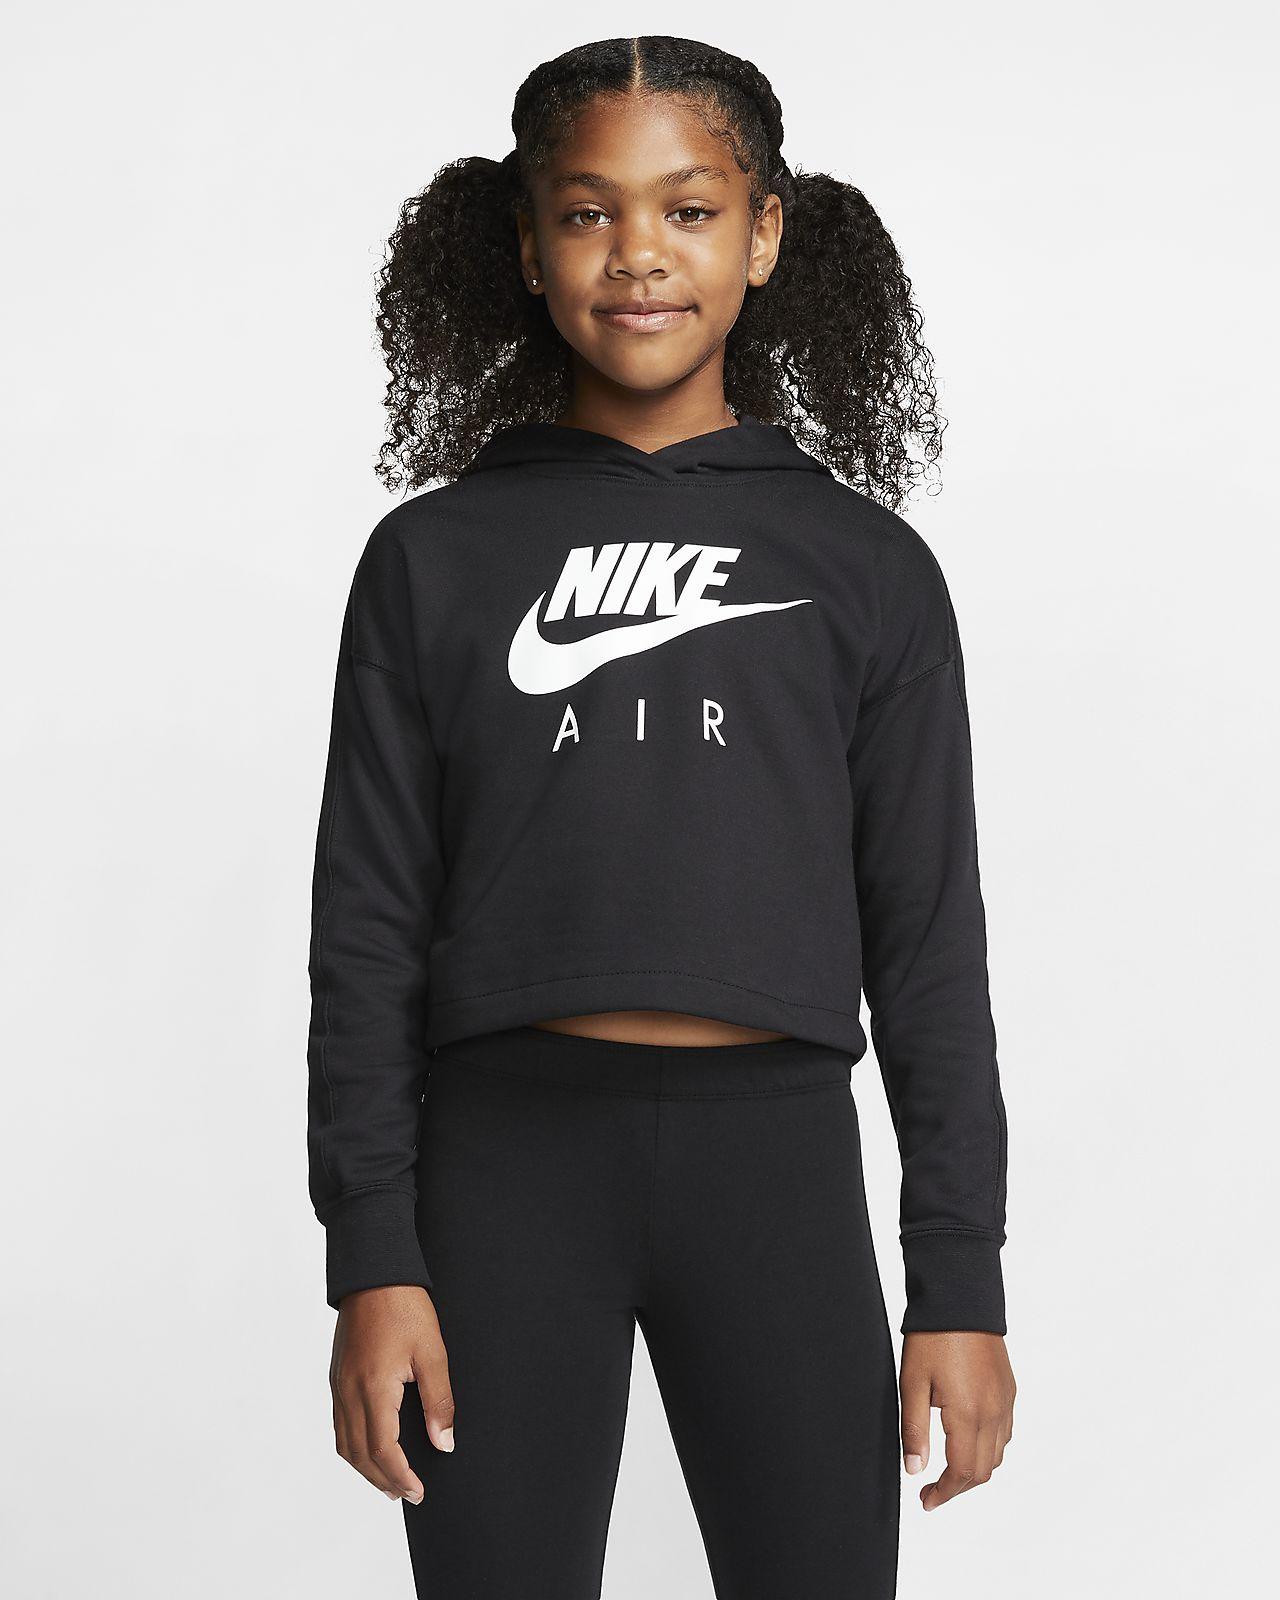 Hoodie recortado Nike Air Júnior (Rapariga)